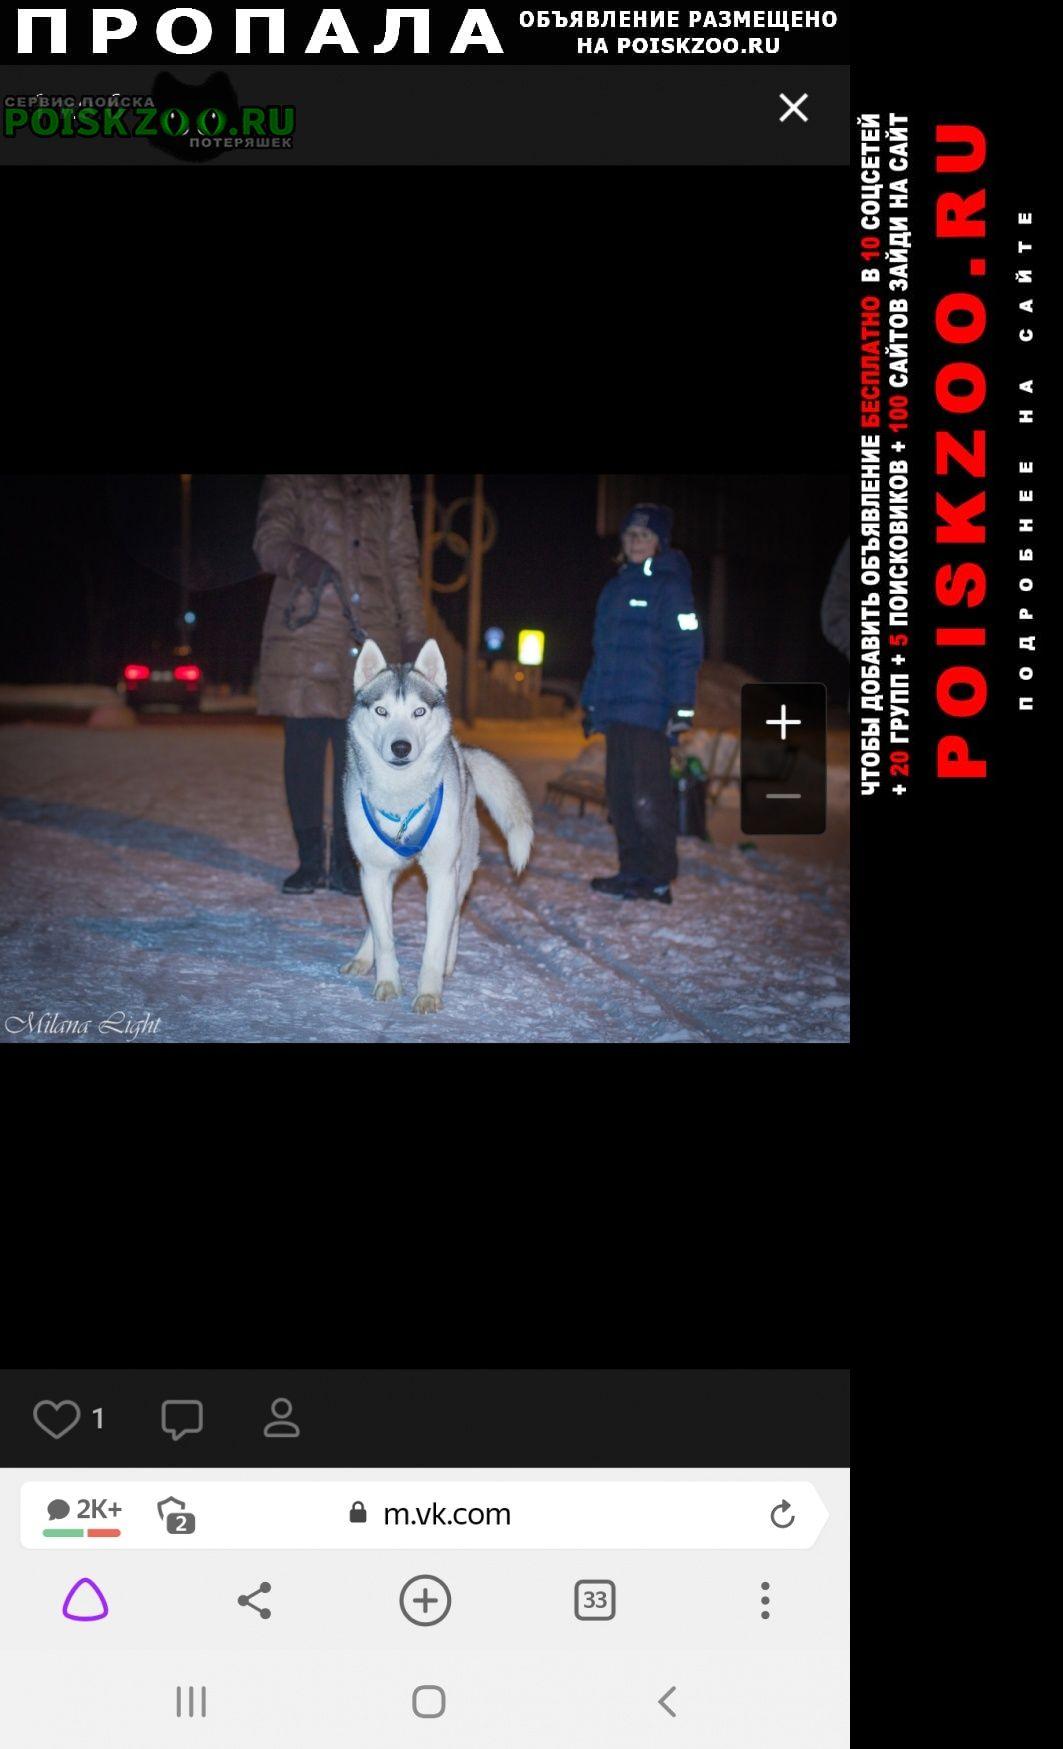 Пропала собака кобель хаски Пенза